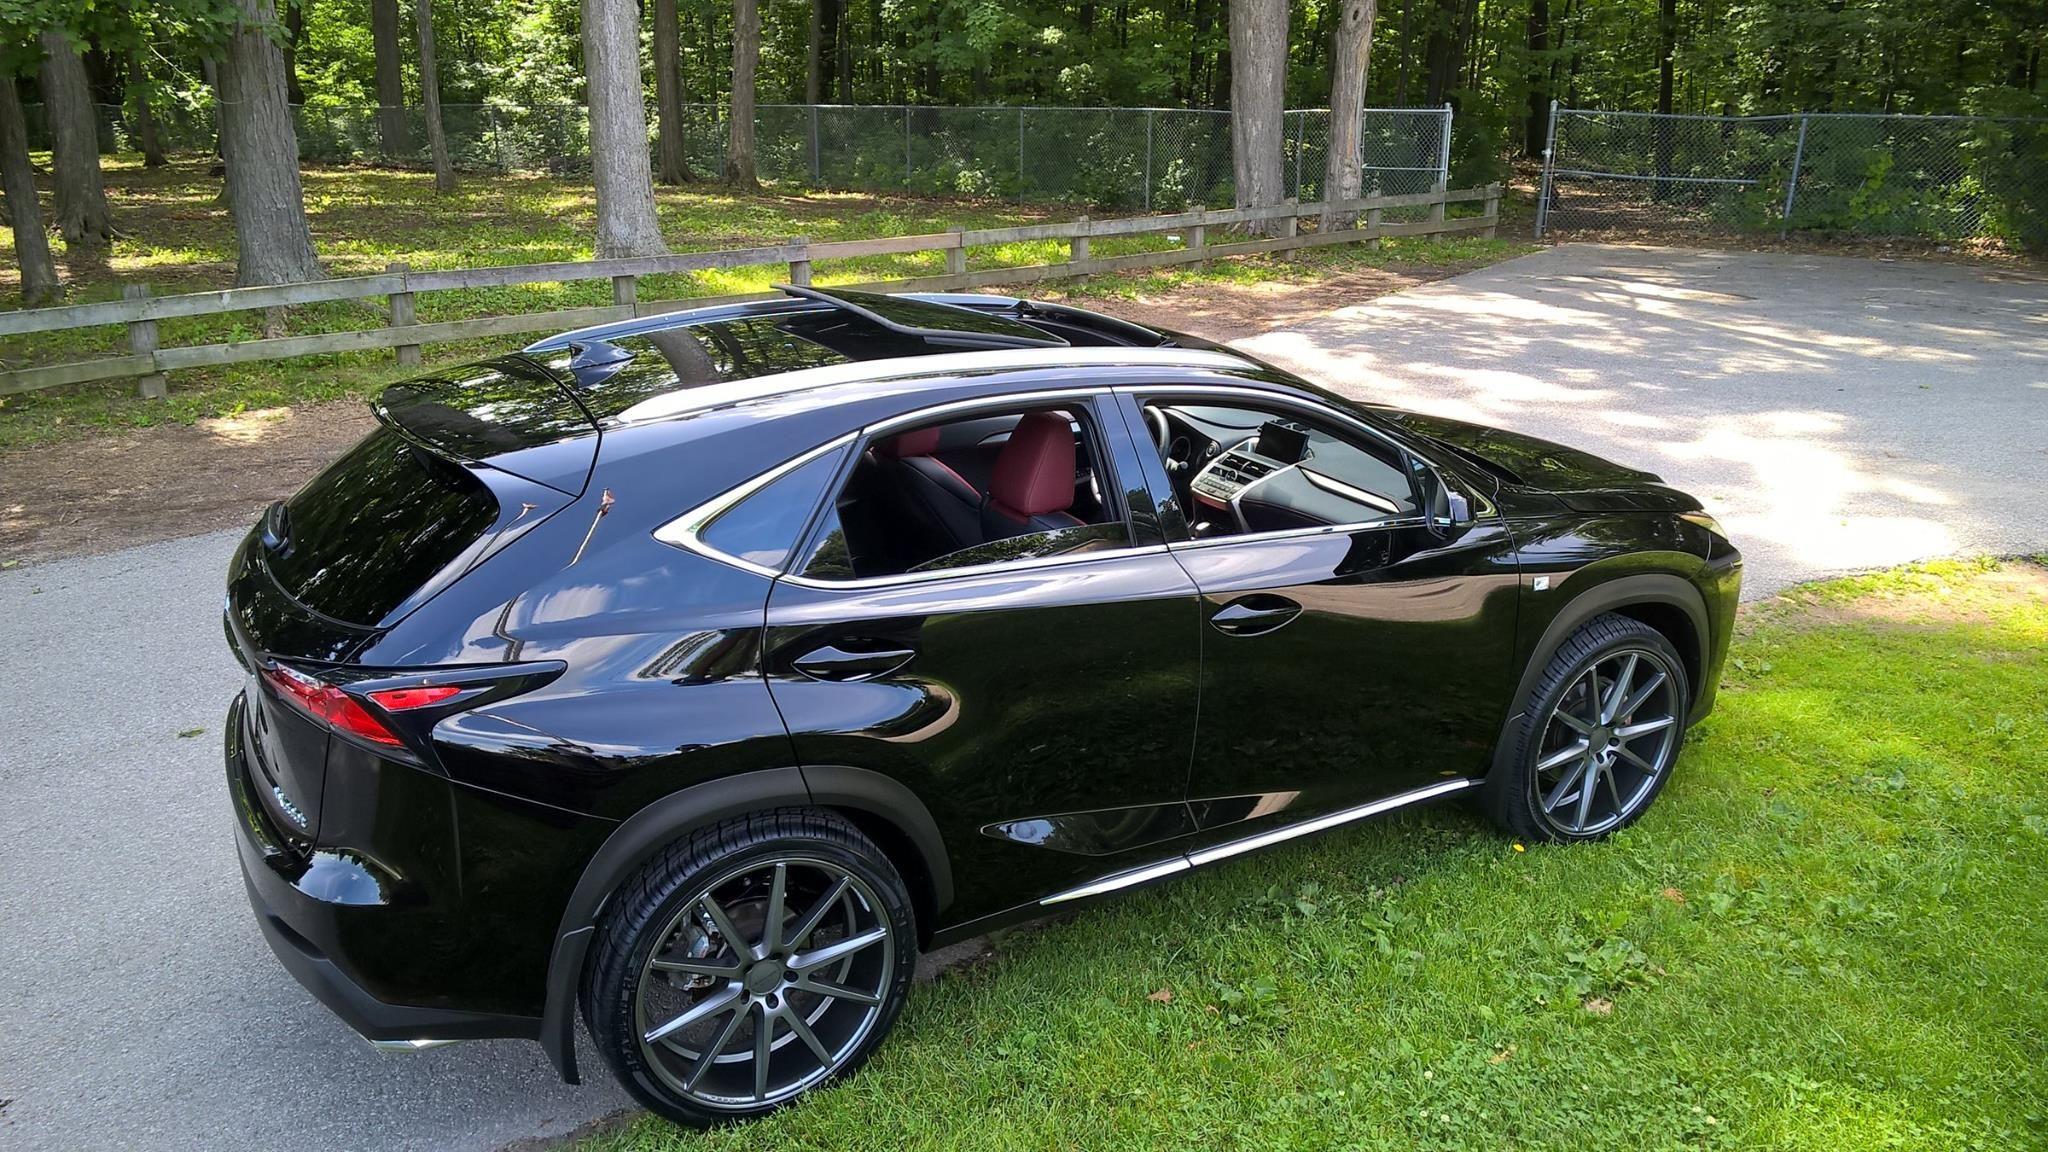 Lexus Nx F Sport On Matte Graphite Vossen Vfs1 Lexus Suv Lexus Nx 200t Lexus Rx 350